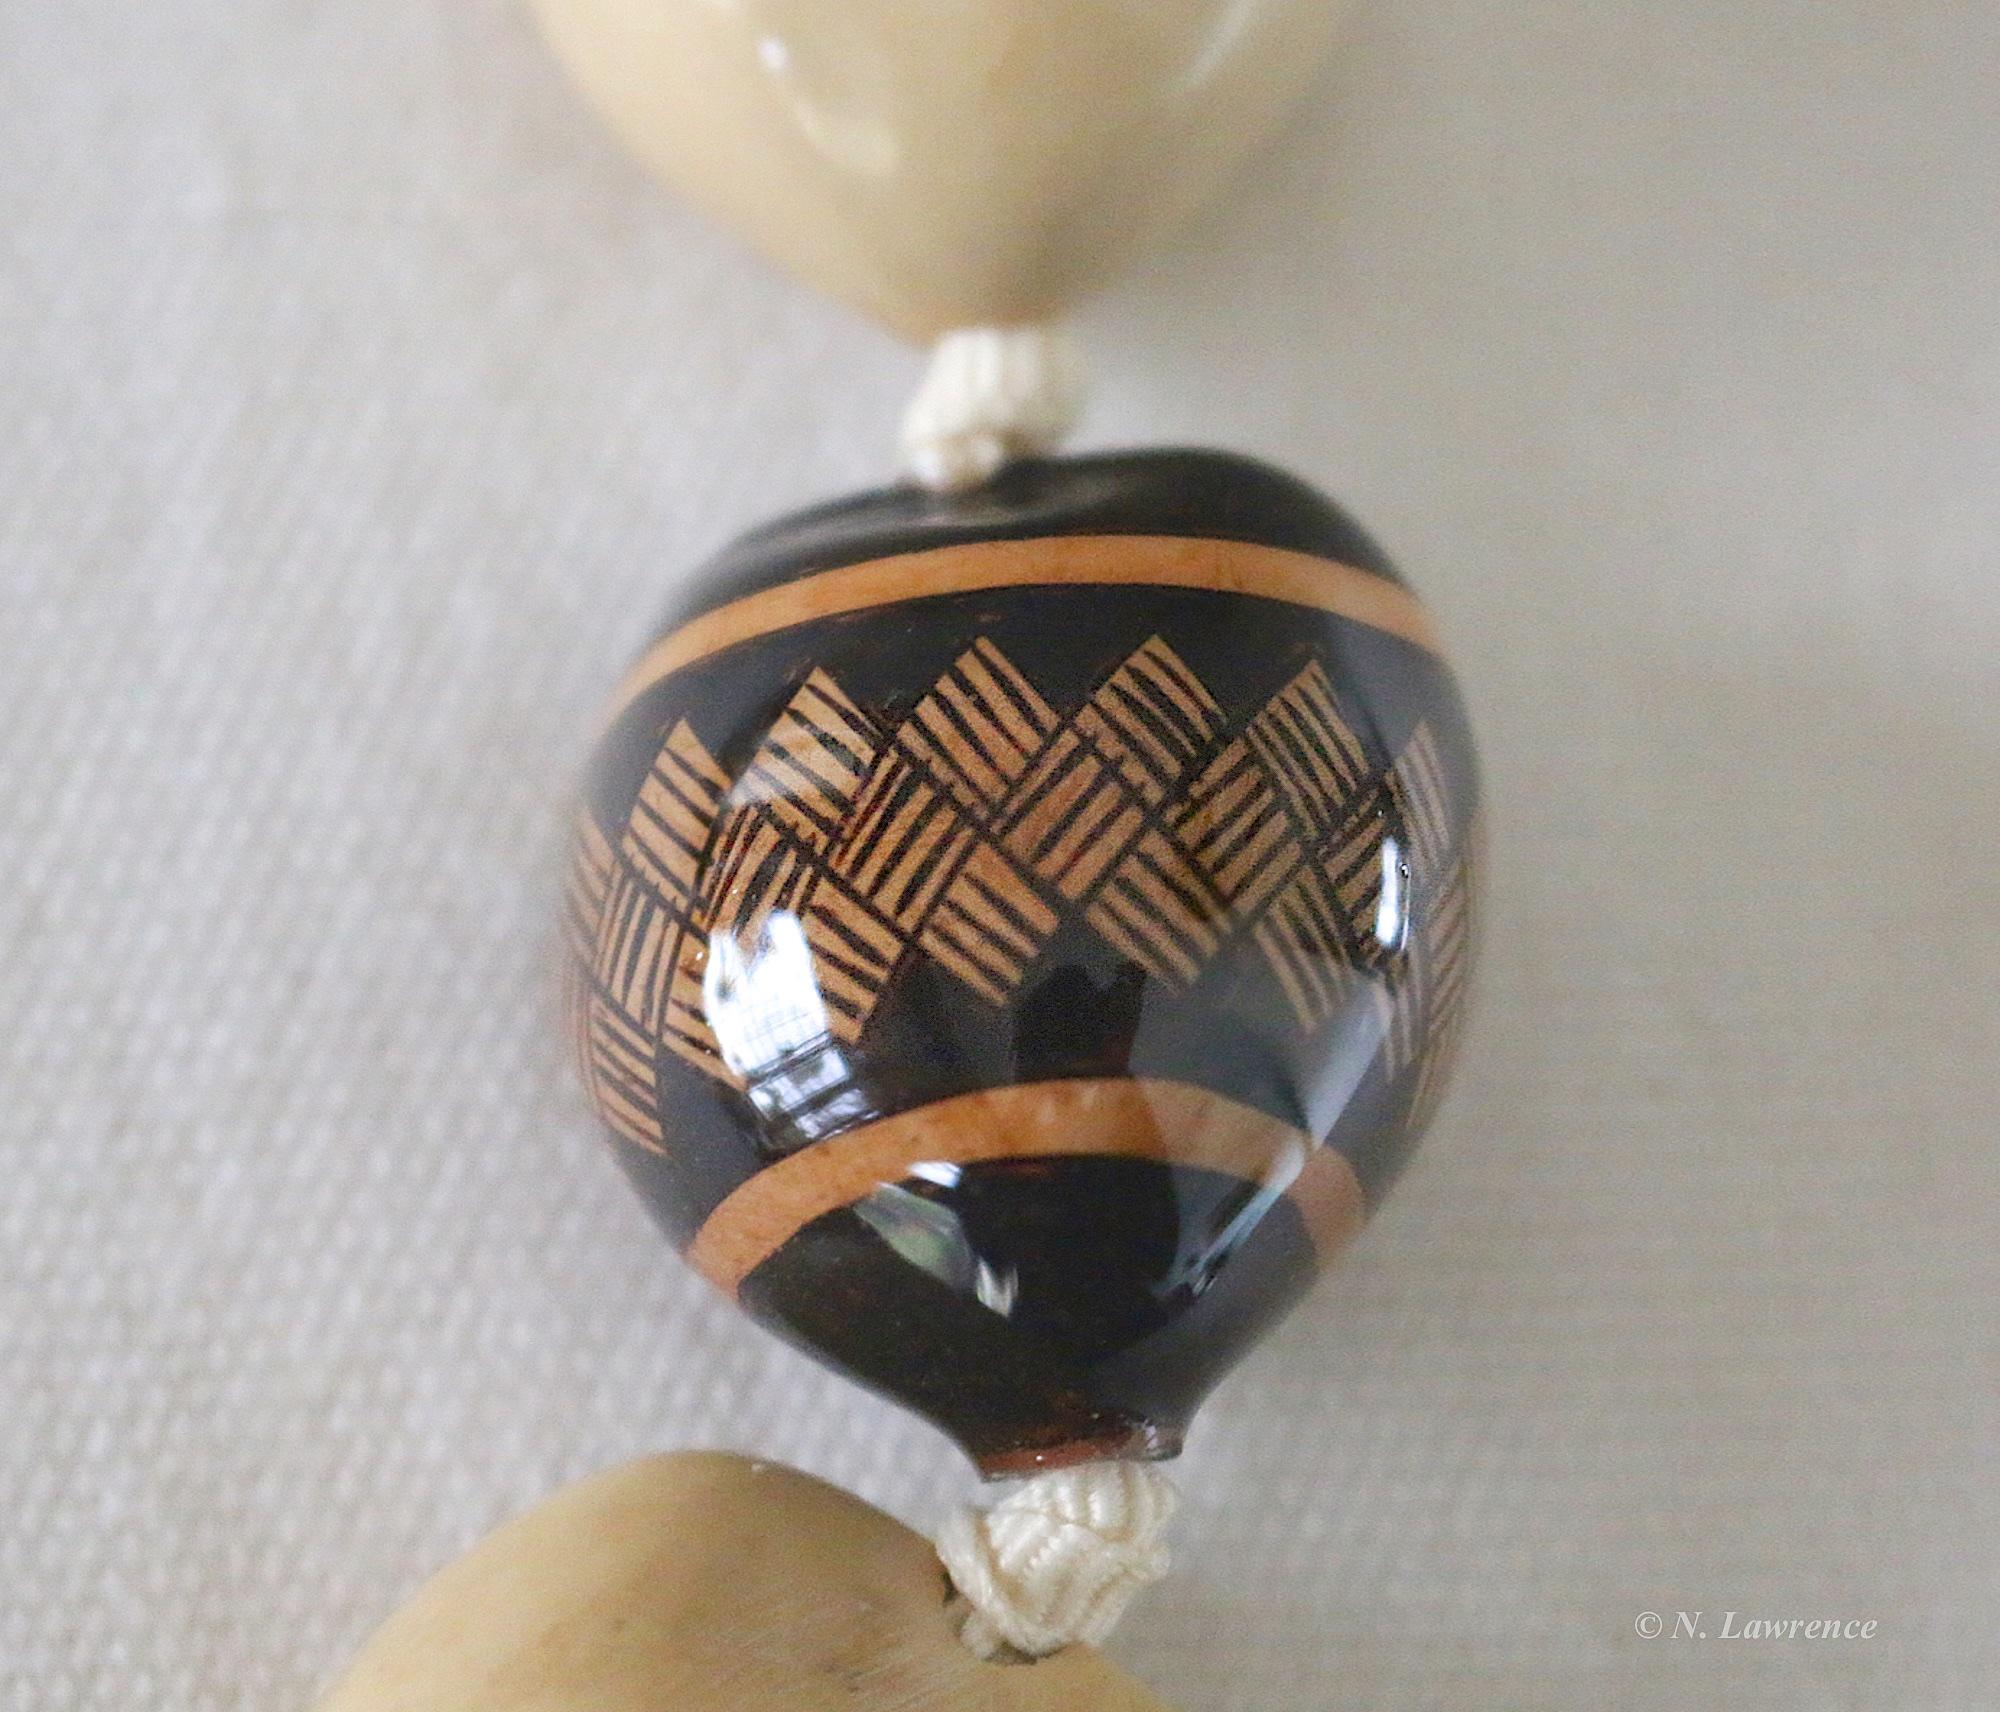 Woven Design Epoxy Nut 1a